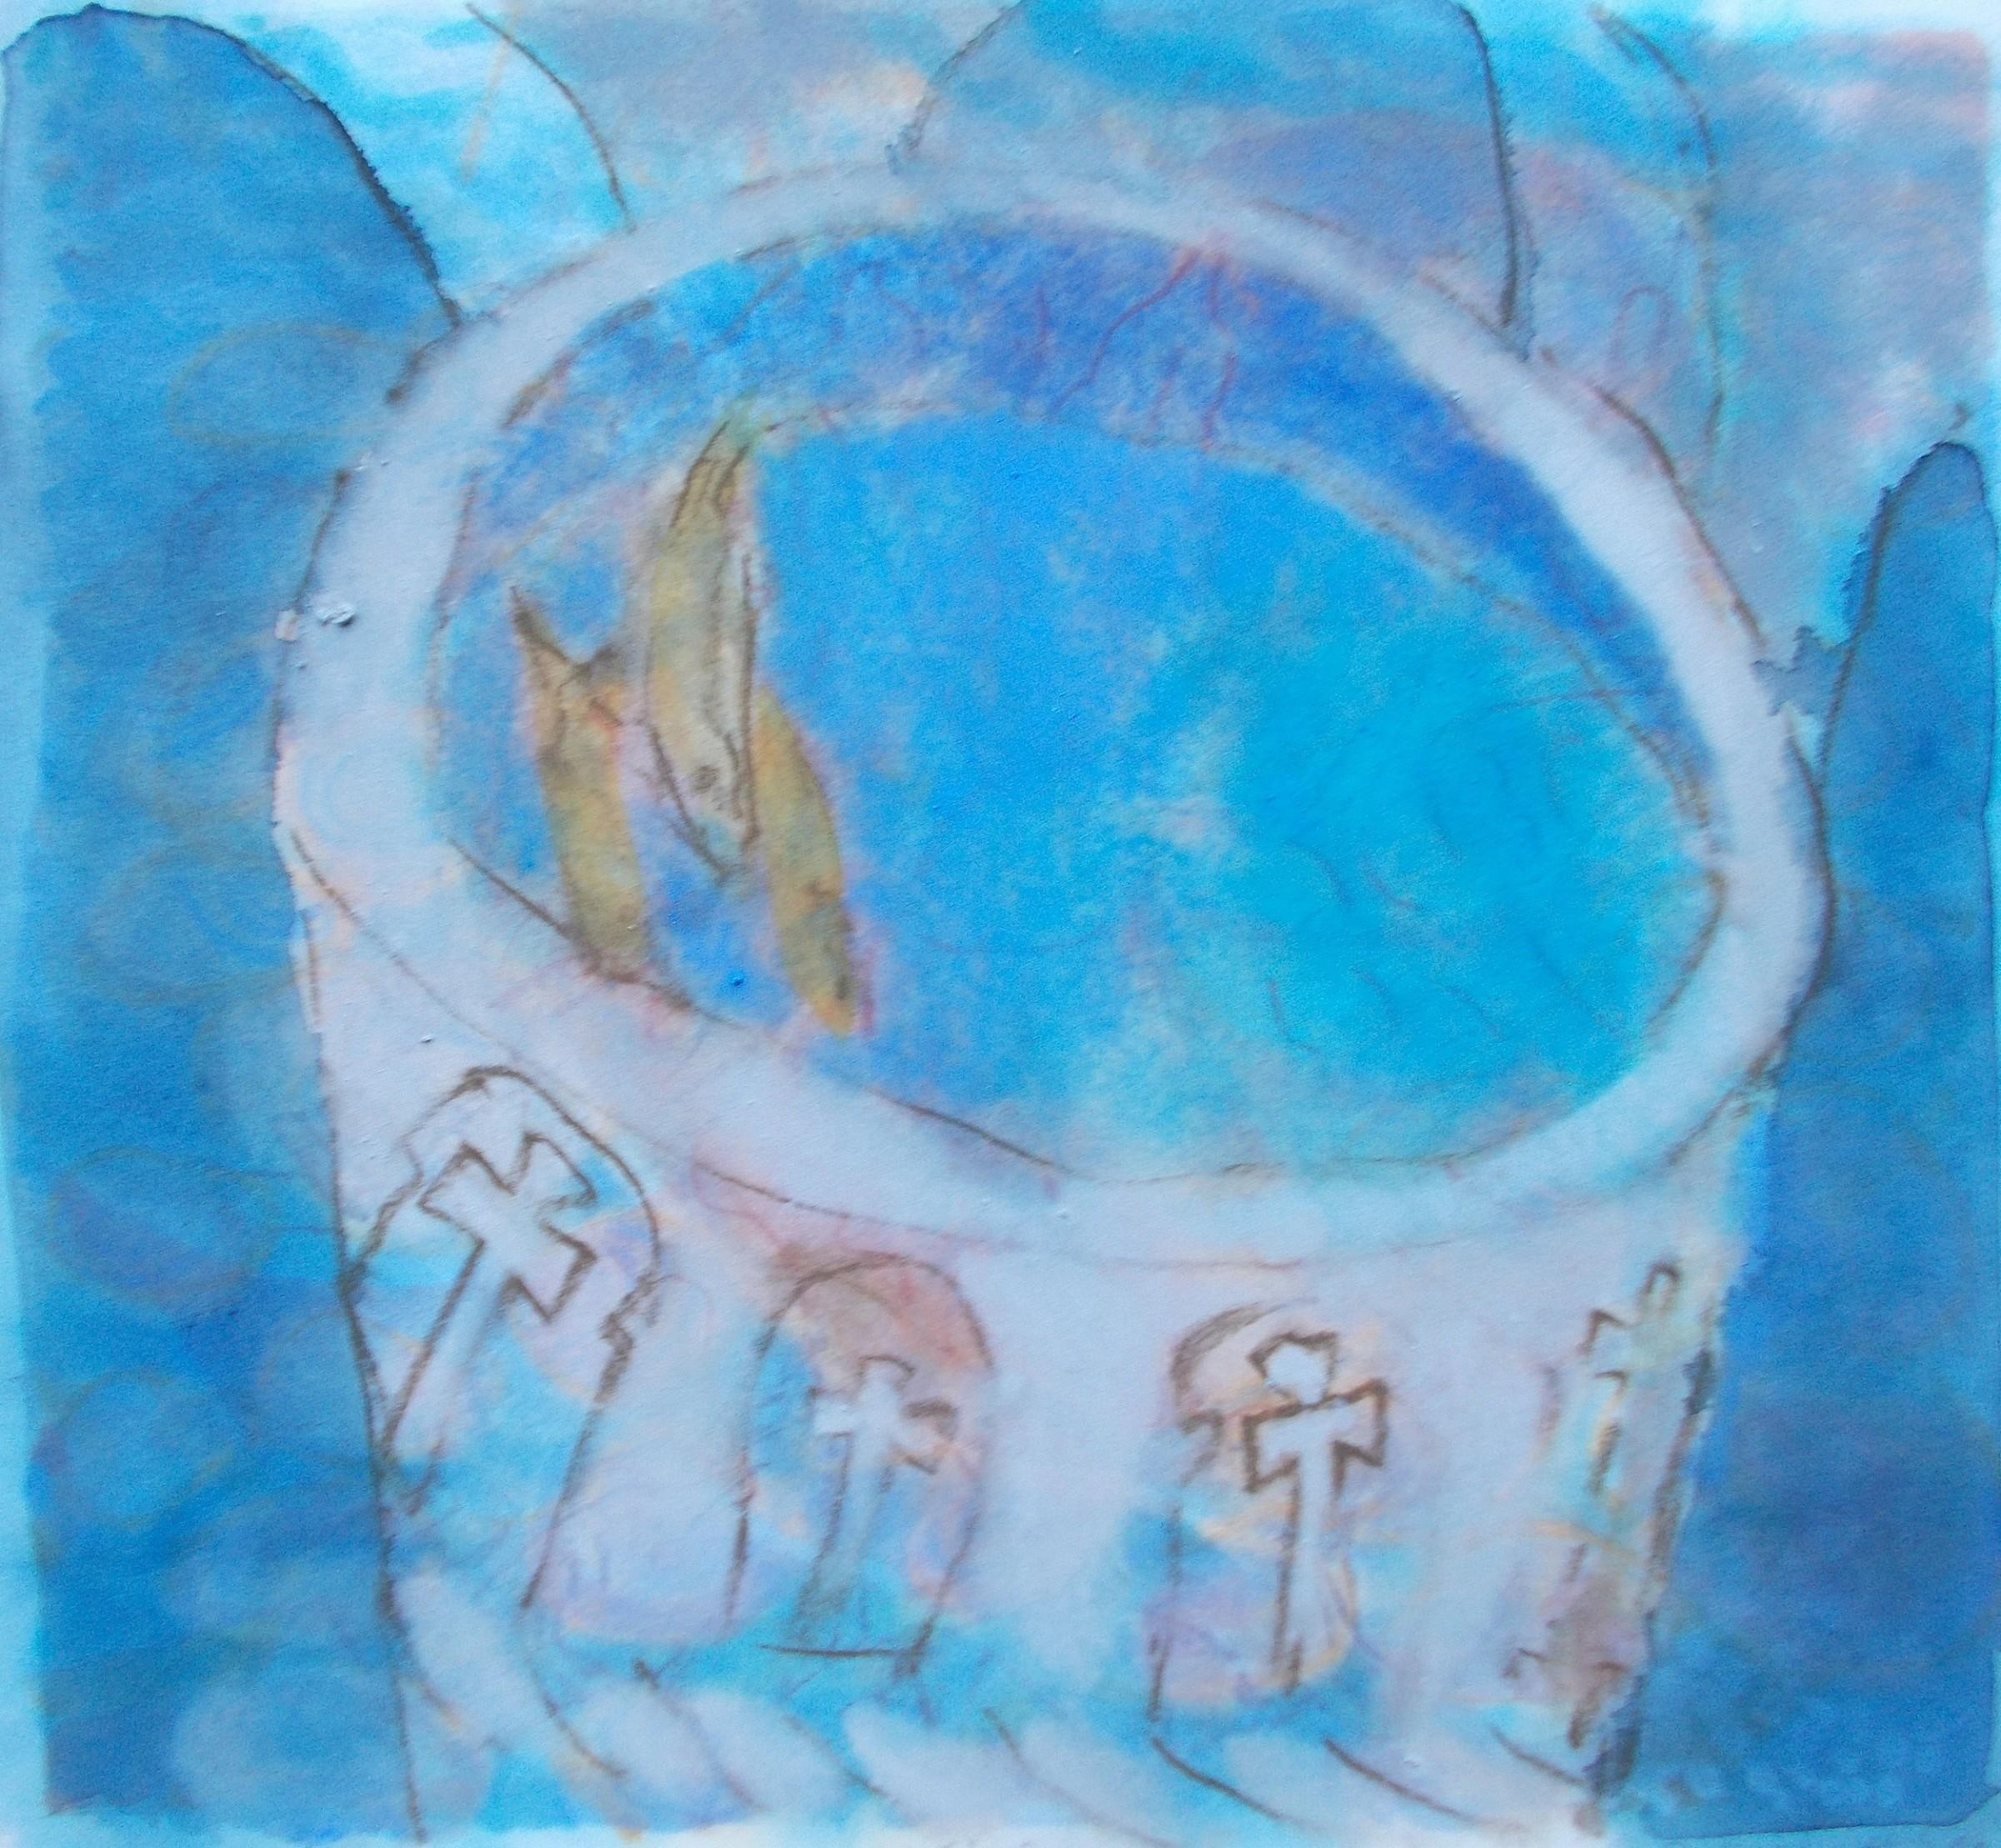 <span class=&#34;link fancybox-details-link&#34;><a href=&#34;/exhibitions/24/works/artworks_standalone10736/&#34;>View Detail Page</a></span><div class=&#34;artist&#34;><span class=&#34;artist&#34;><strong>Anne Marlow</strong></span></div><div class=&#34;title&#34;><em>The Font</em></div><div class=&#34;medium&#34;>watercolour & pastel</div><div class=&#34;dimensions&#34;>46x45cm</div>